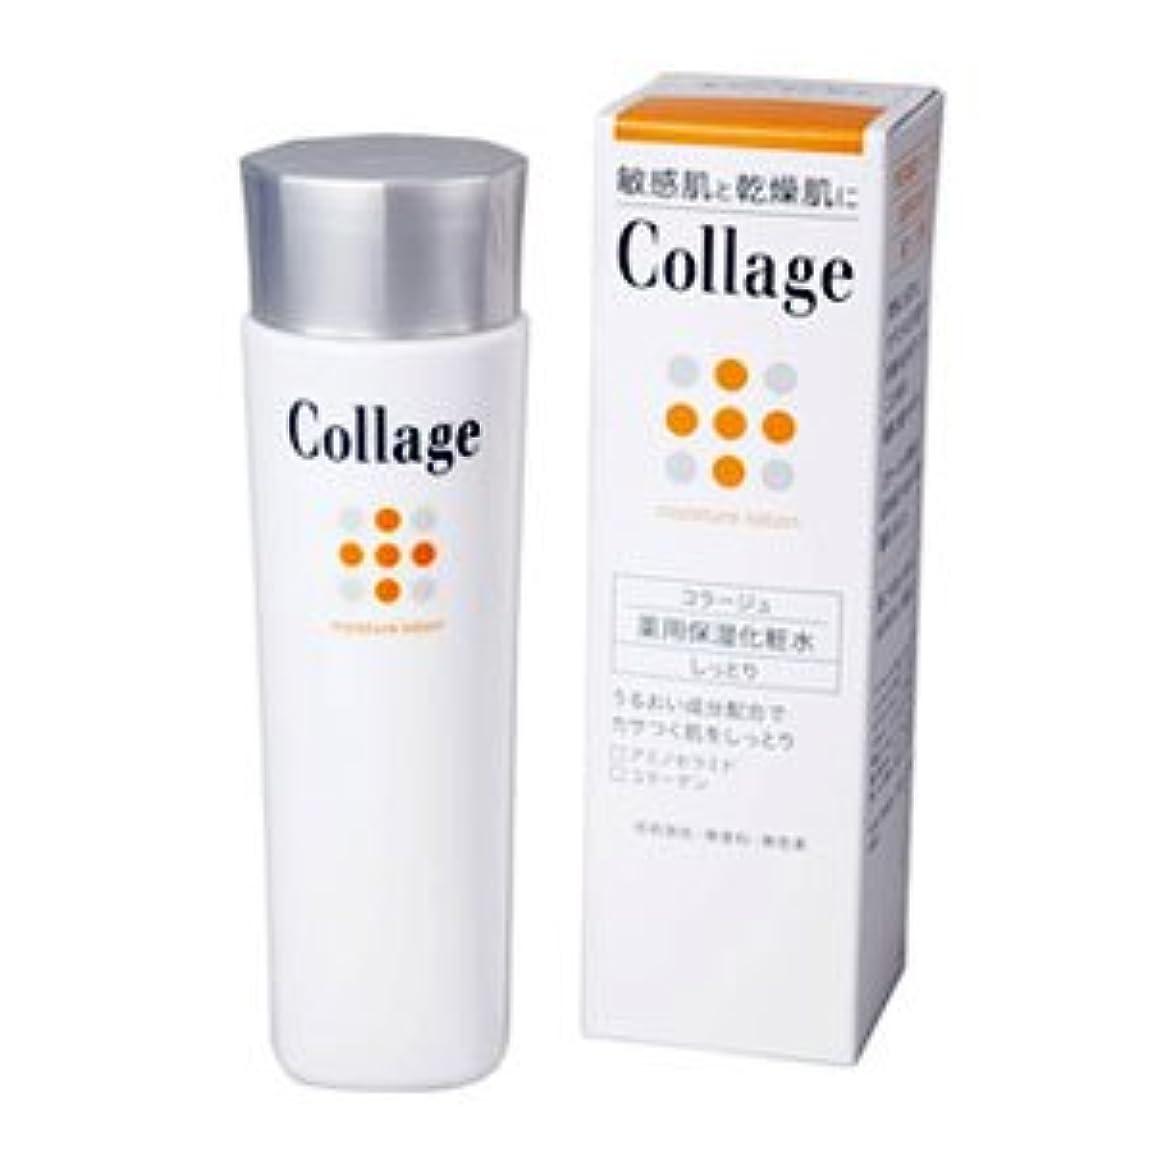 スキャン包括的機密コラージュ 薬用保湿化粧水 しっとり 120ml×2 【持田ヘルスケア】 3740